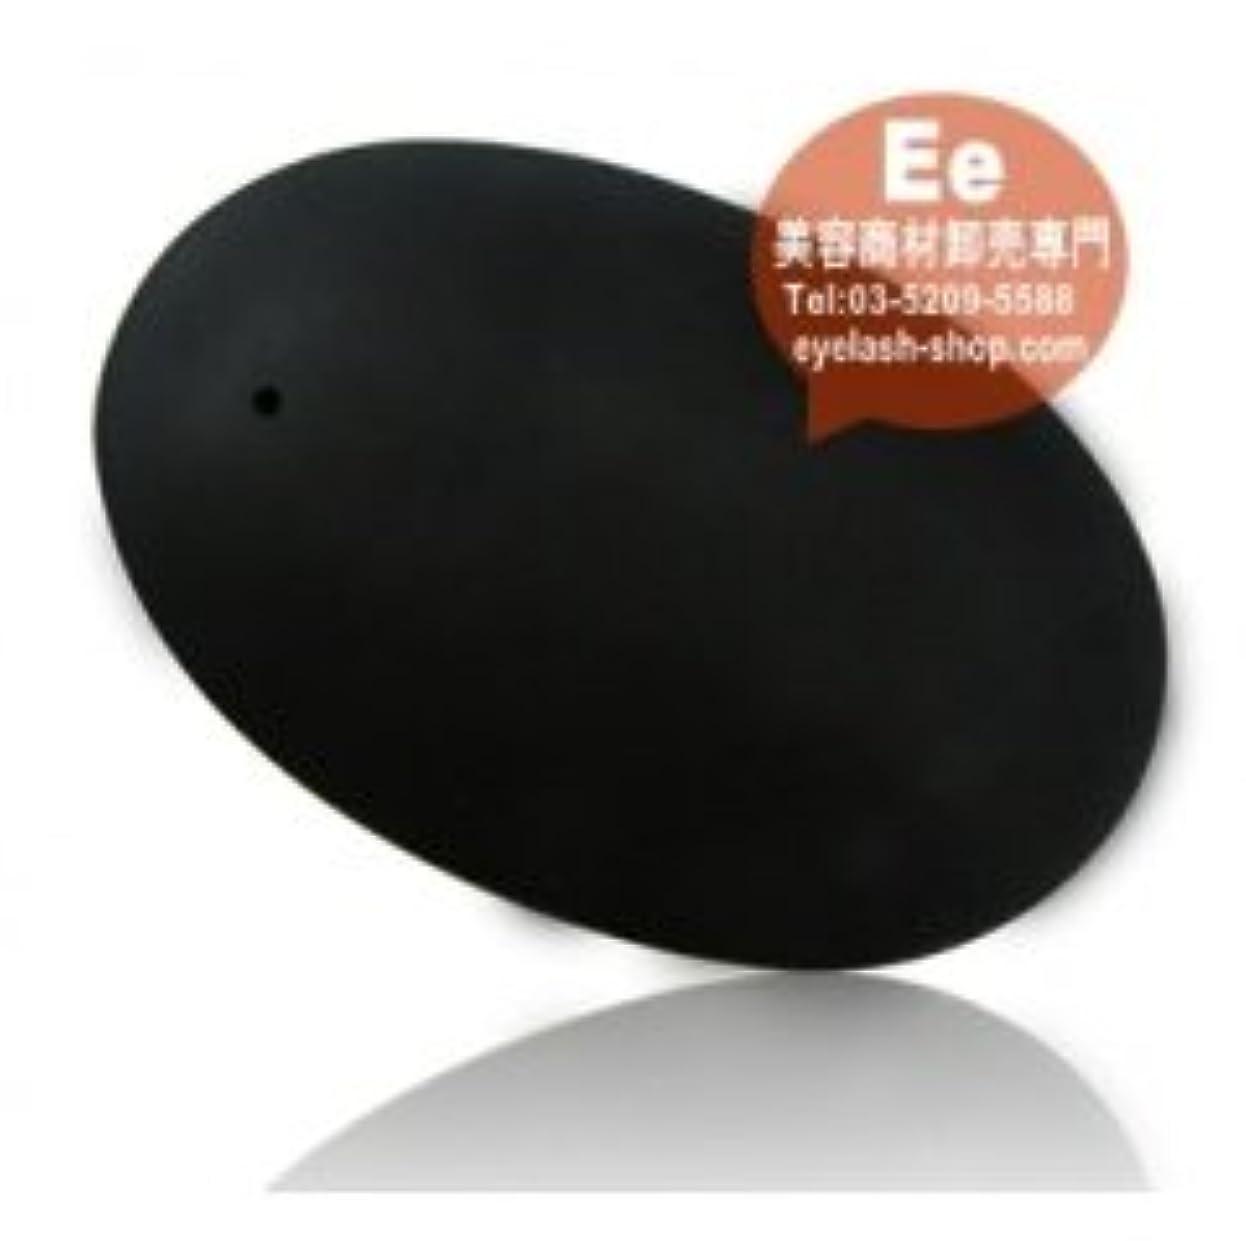 デコードするハーブ恥ずかしい【100%本物保障】最高級天然石美容カッサプレート 天然石カッサ板 S-9